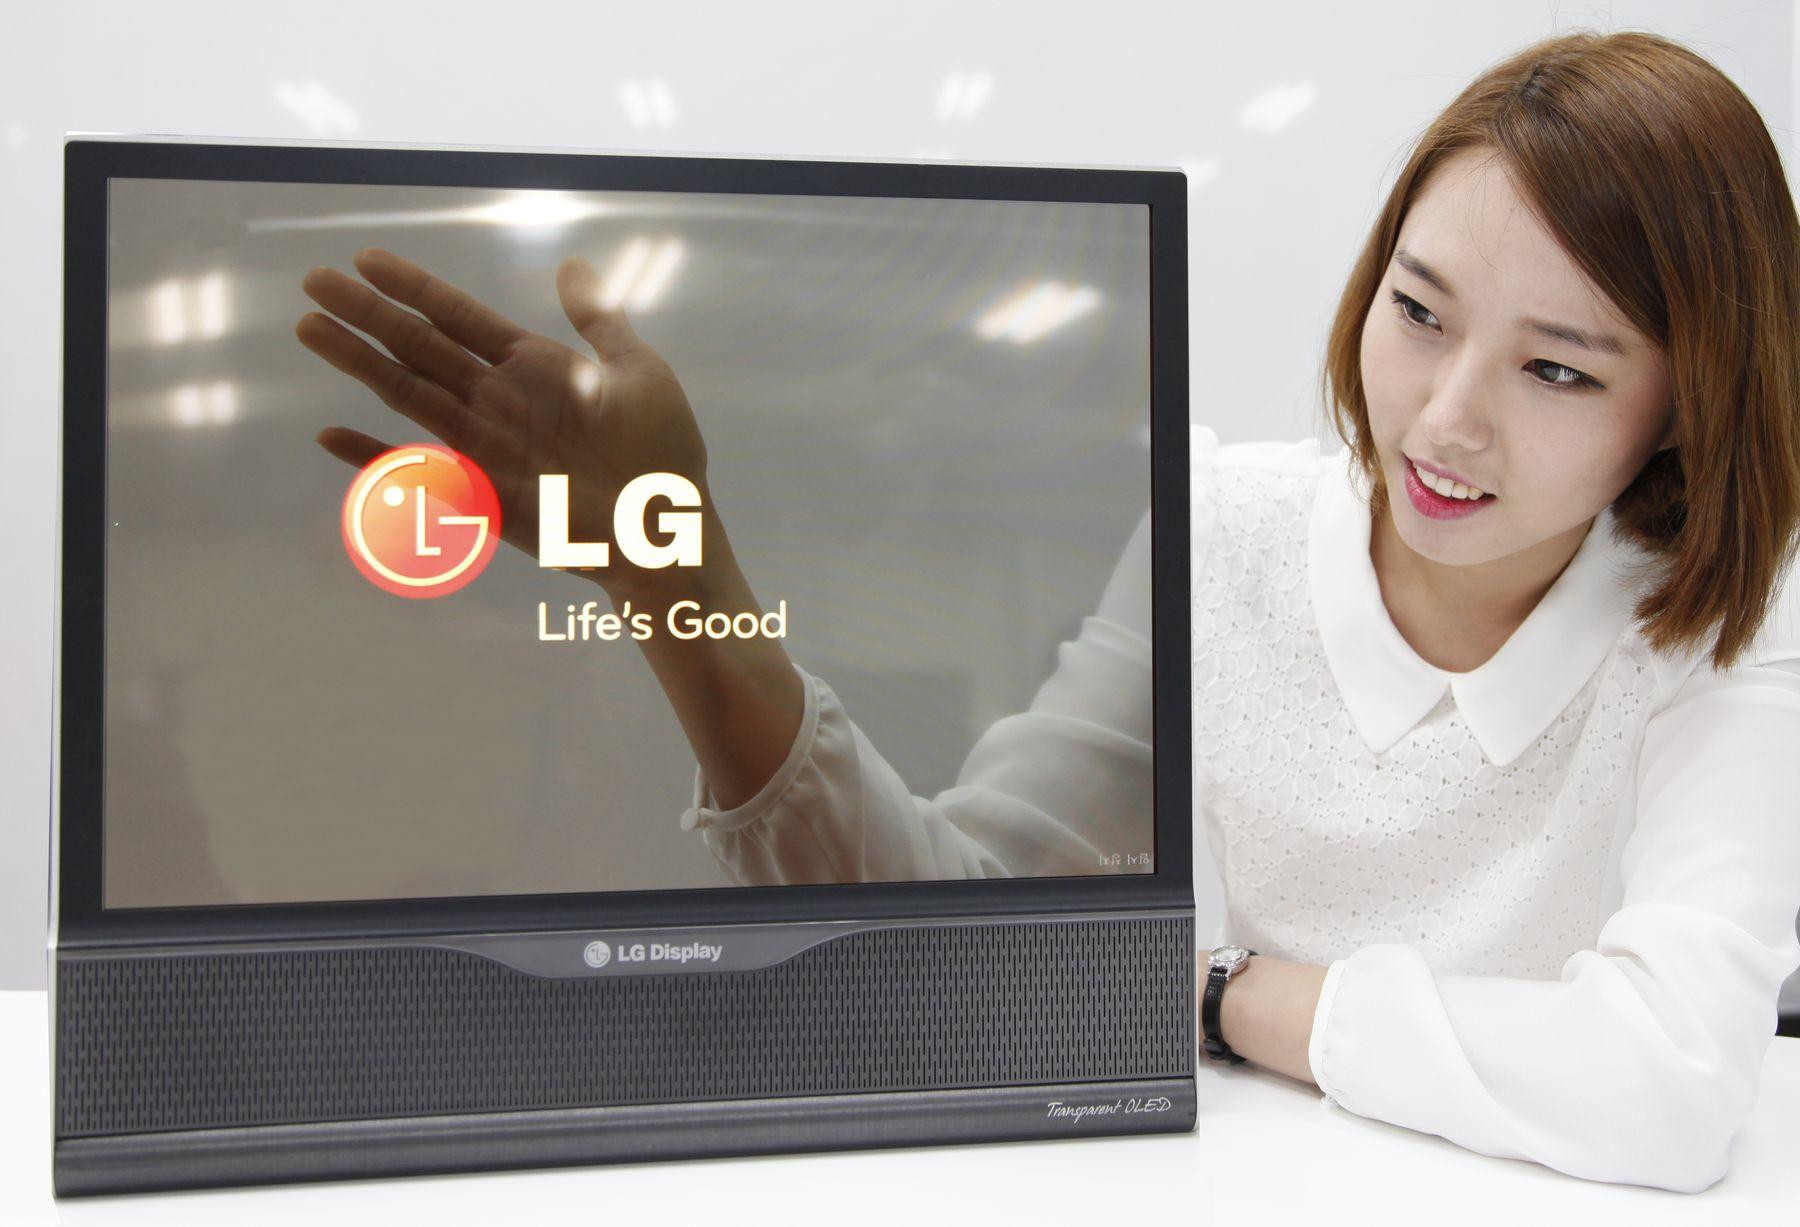 صفحه نمایش 1 میلیون مگاپیکسلی LG لوله میشود! + تصاویر